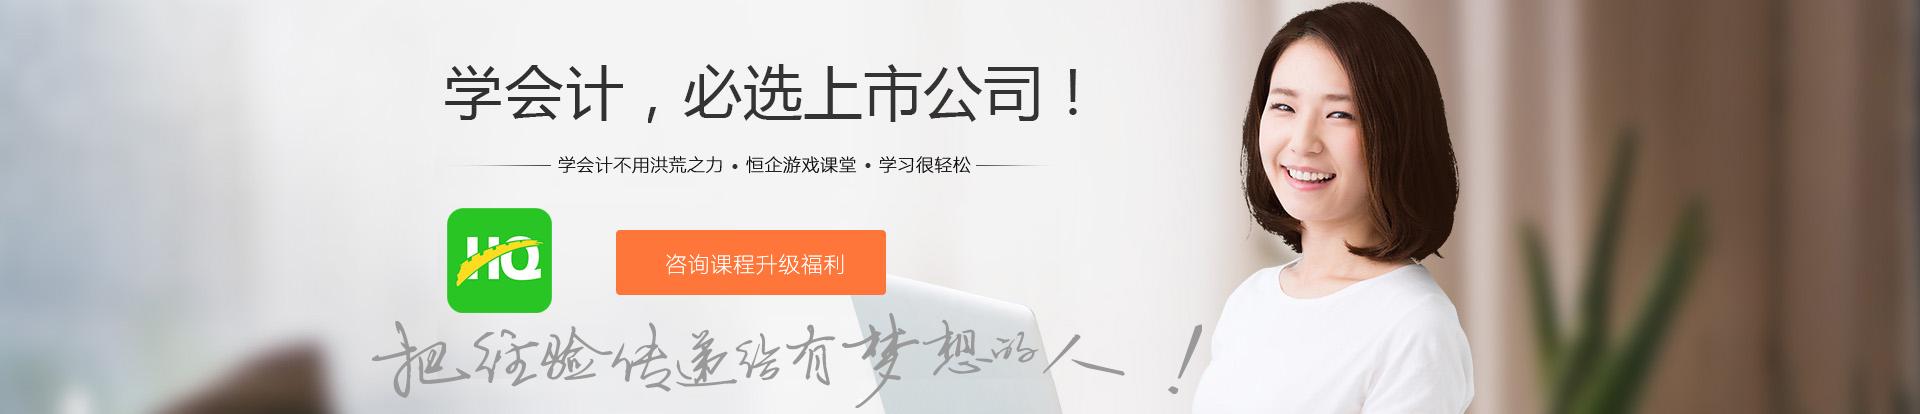 鹿寨恒企会计合乐彩票app学校 横幅广告